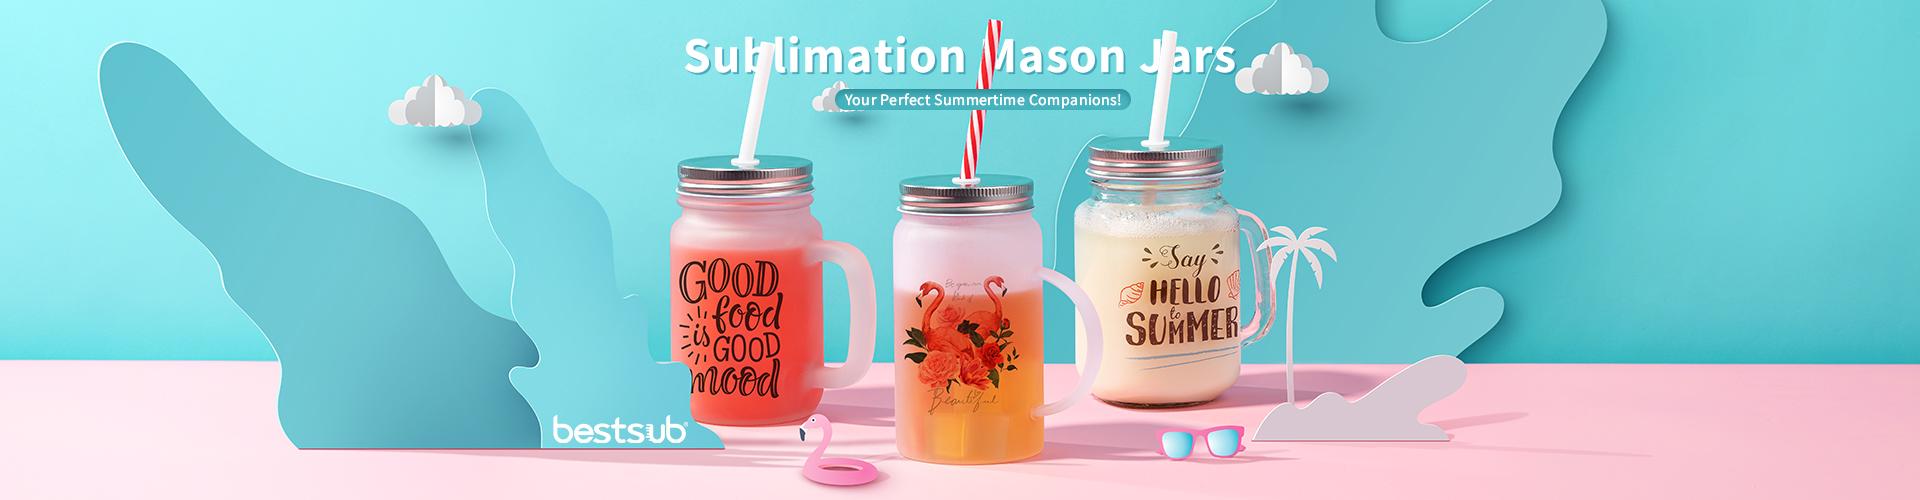 2021-06-17_Sublimation_Mason_Jars_new_web